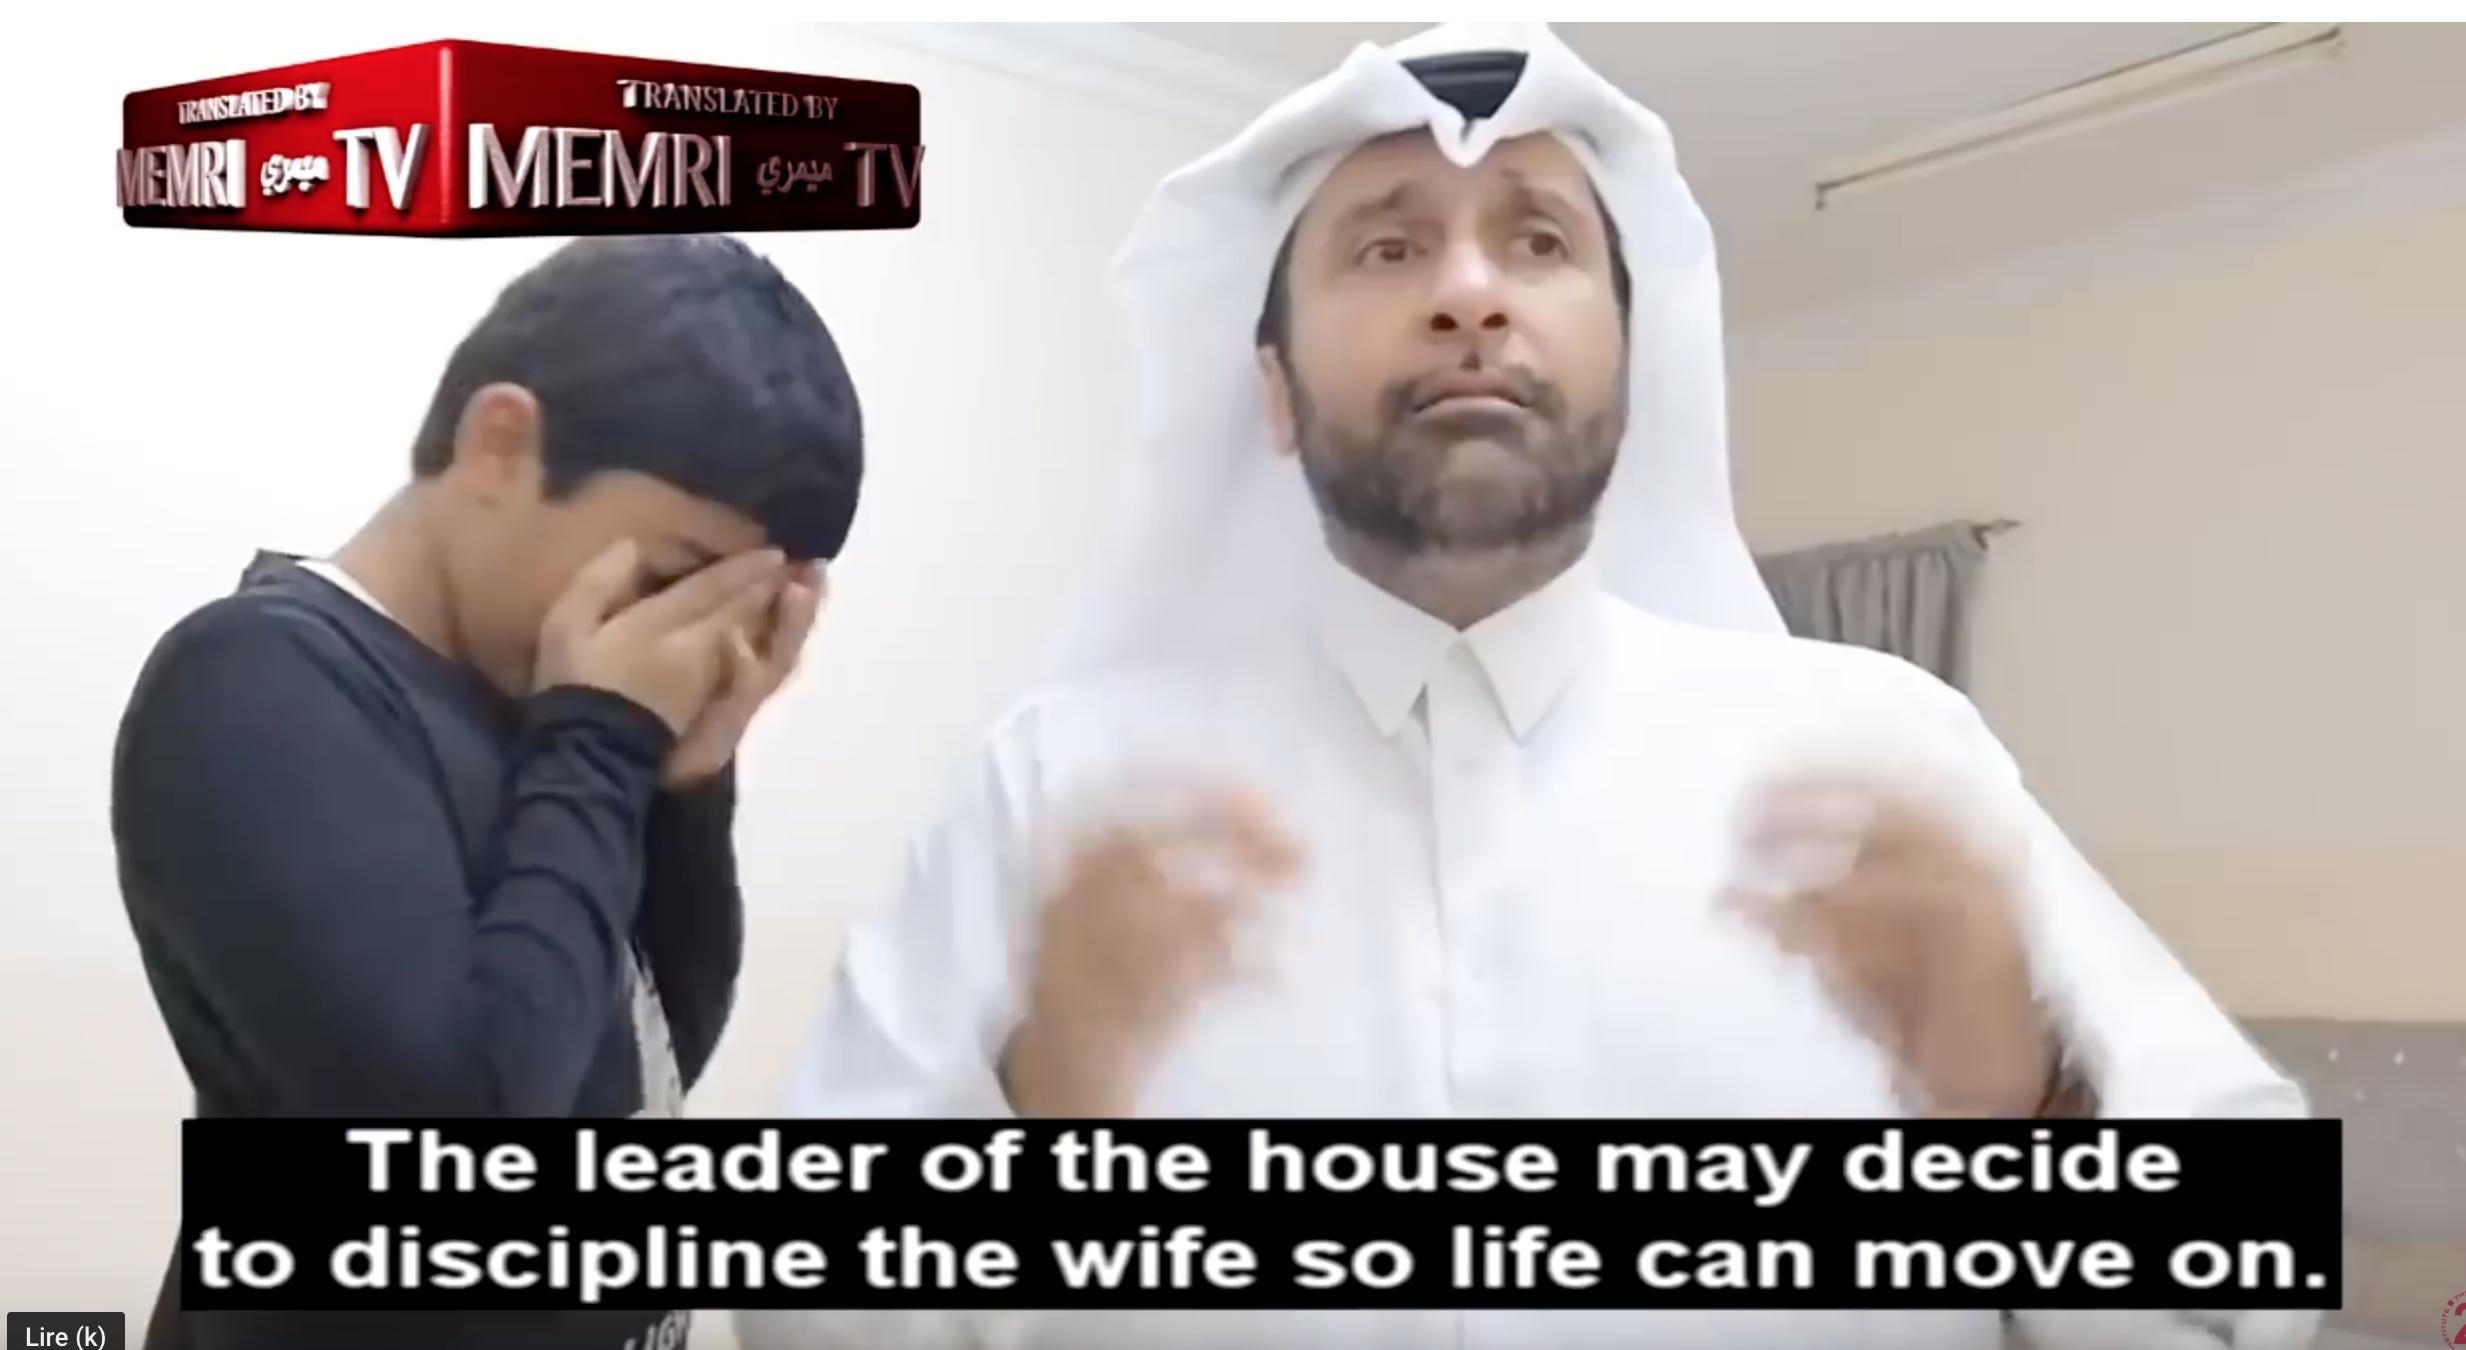 Un sociologue qatari montre comment battre sa femme pour qu'elle prenne conscience de sa féminité